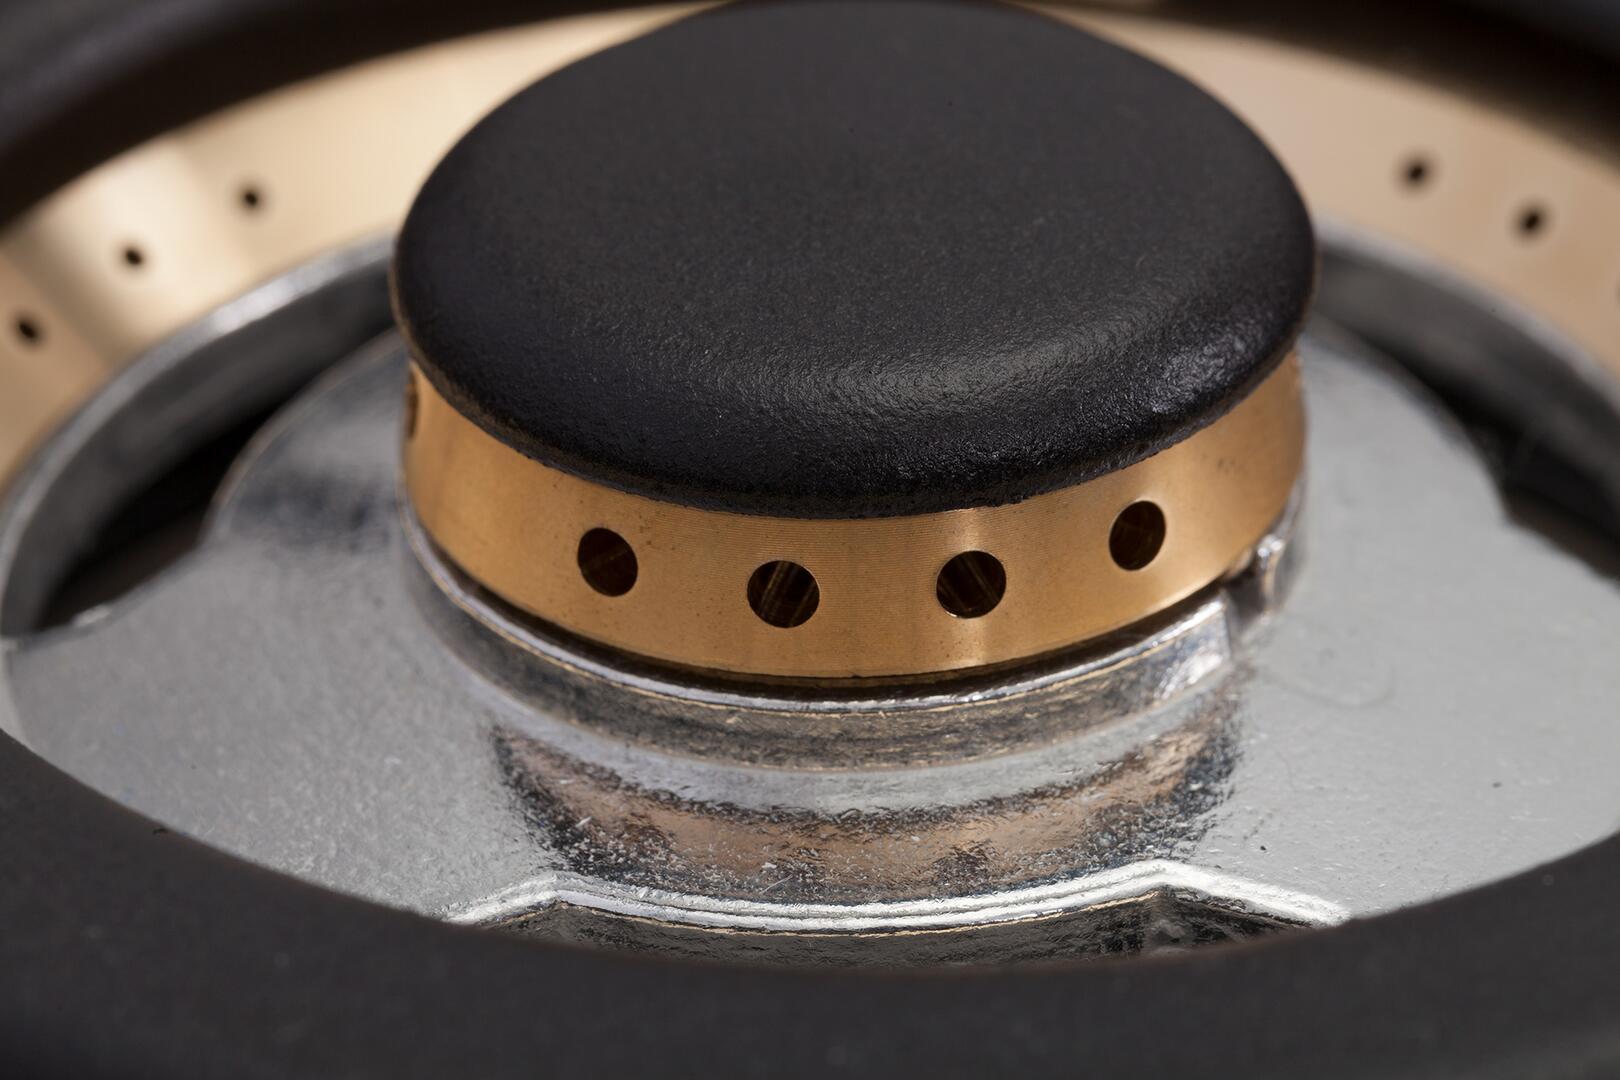 Ilve Nostalgie UPN60DMPN Freestanding Dual Fuel Range Black, 17